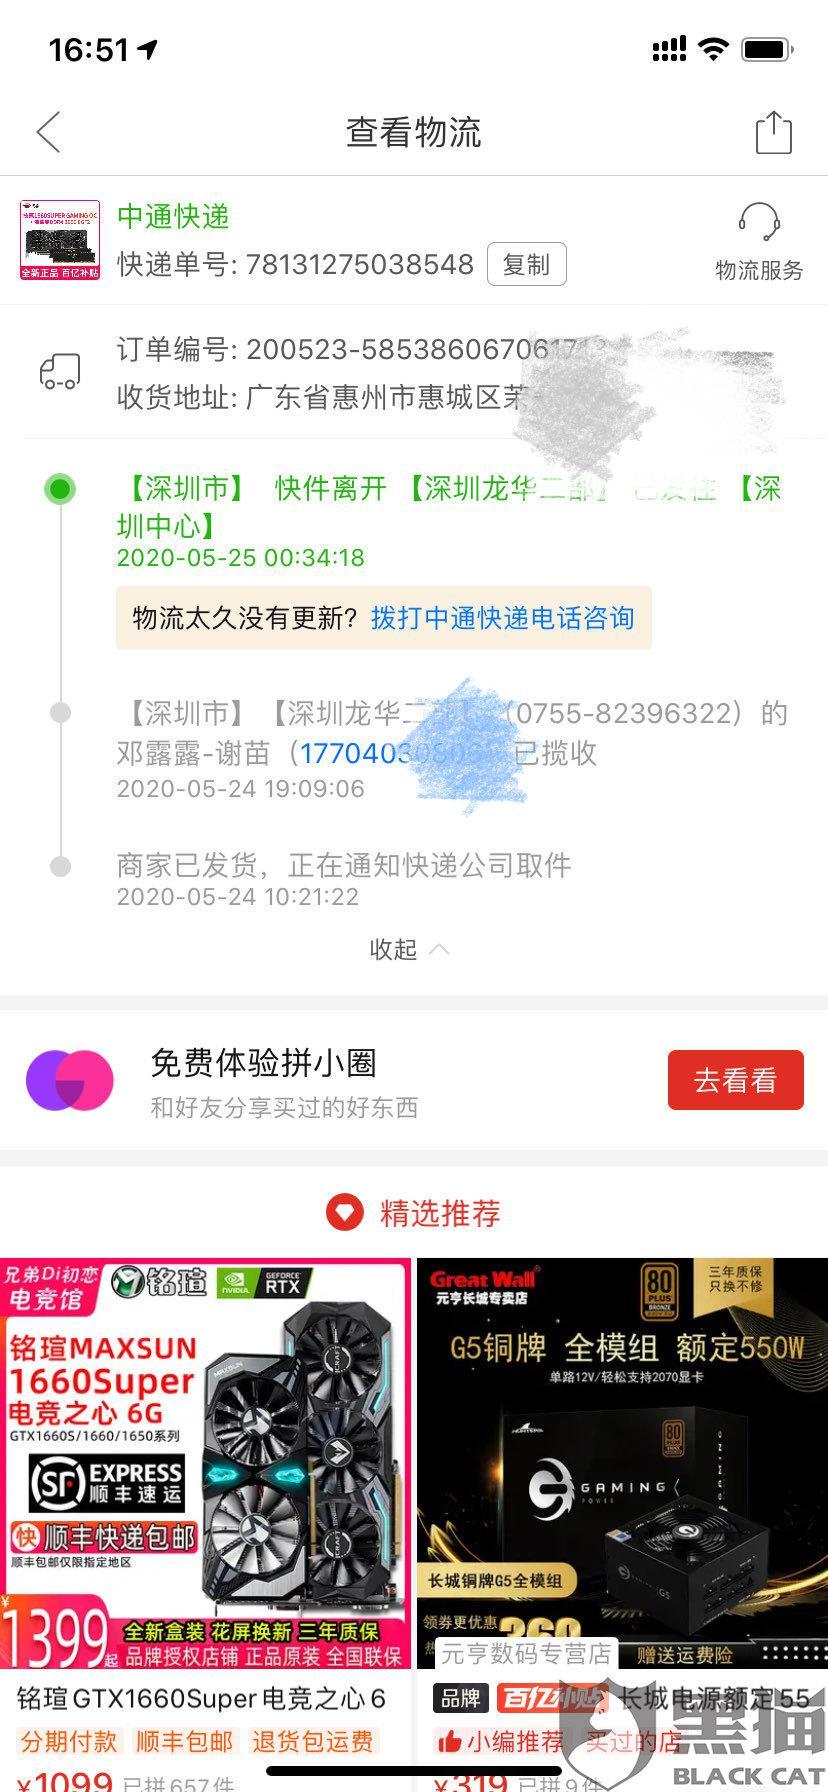 黑猫投诉:深圳发往惠州市区的快递四天还没到,中通说我的件找不到了。说只对商家赔偿不对我负责